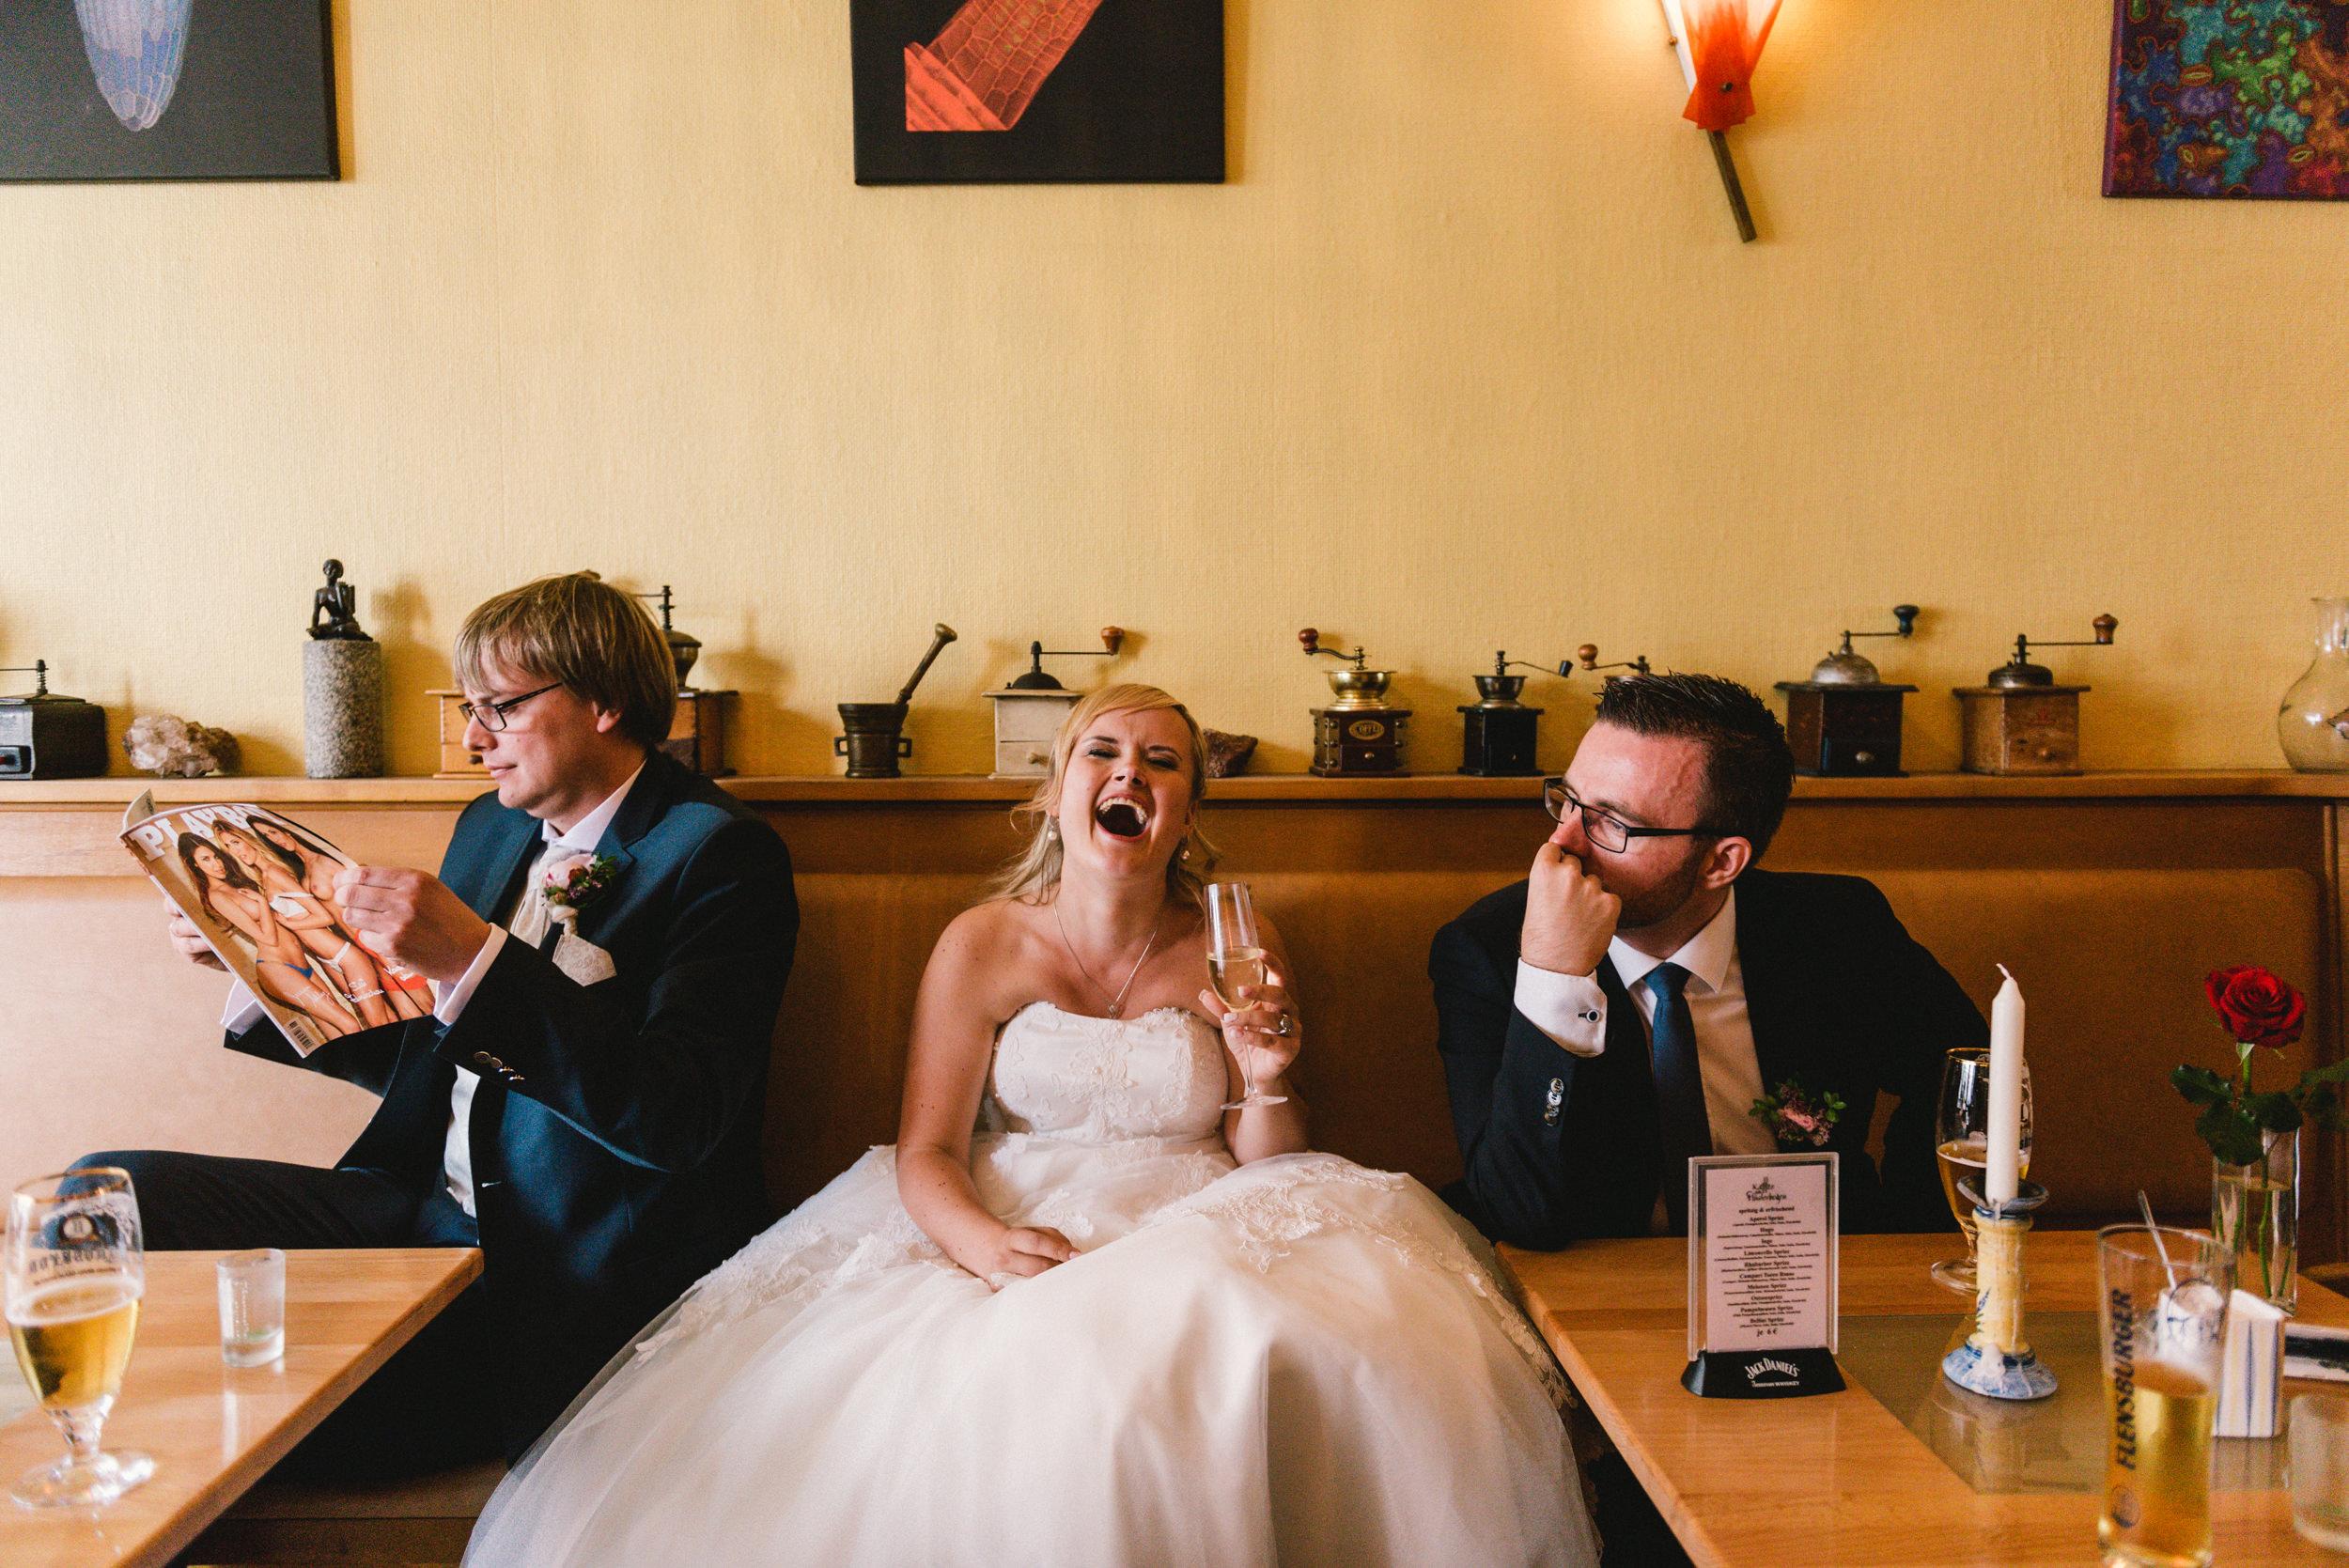 Paul_Glaser_Hochzeitsfotograf-12